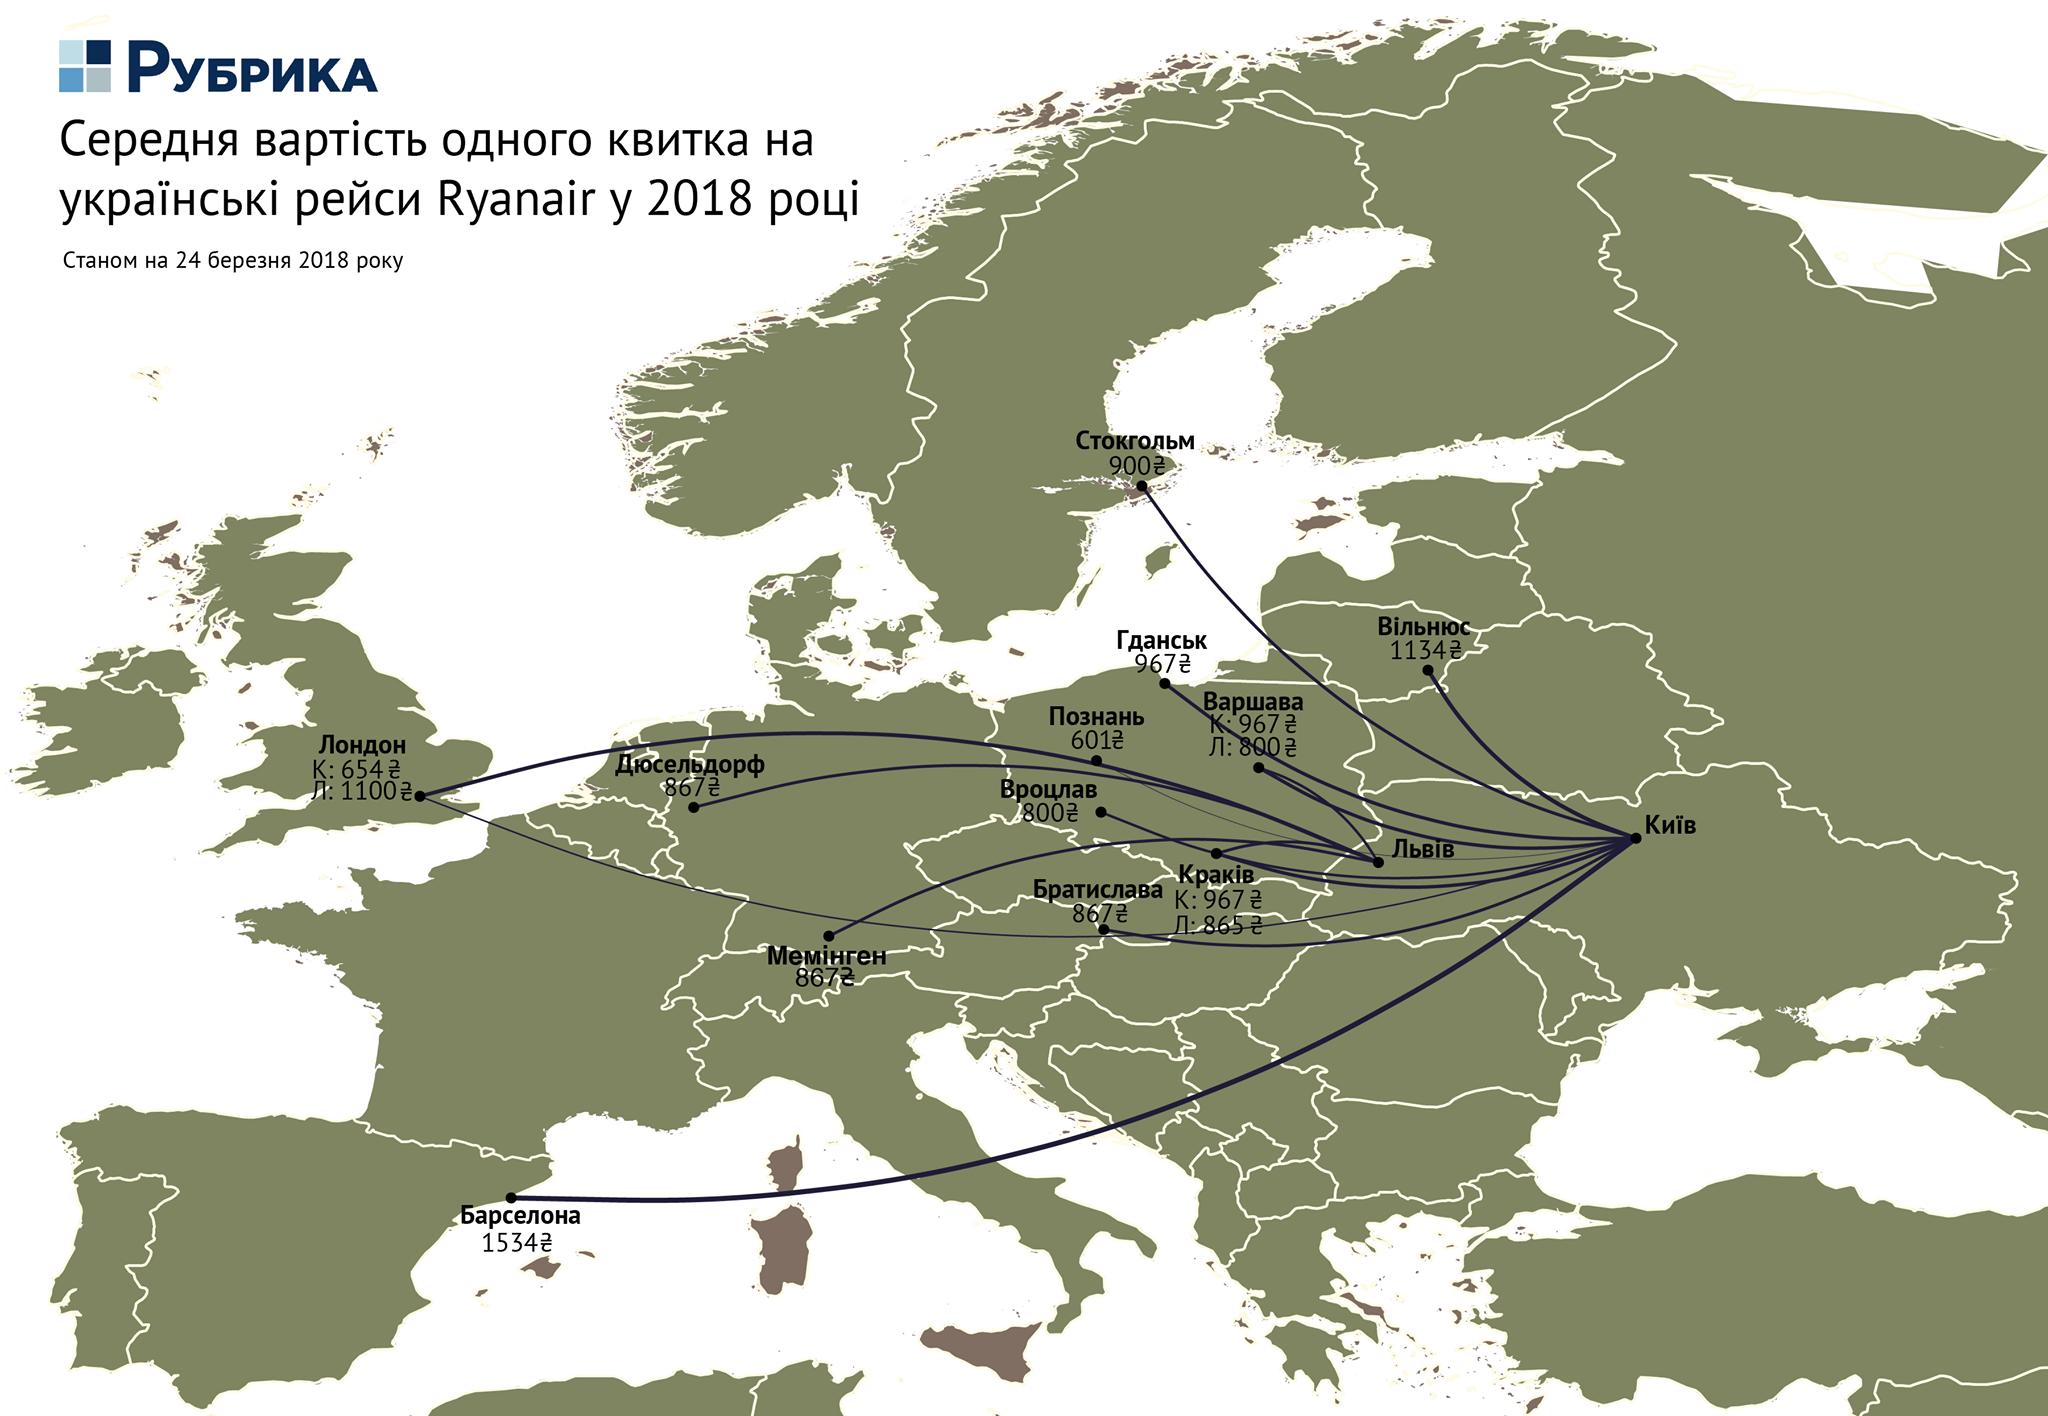 Середня вартість одного квитка на українські рейси Ryanair у 2018 році